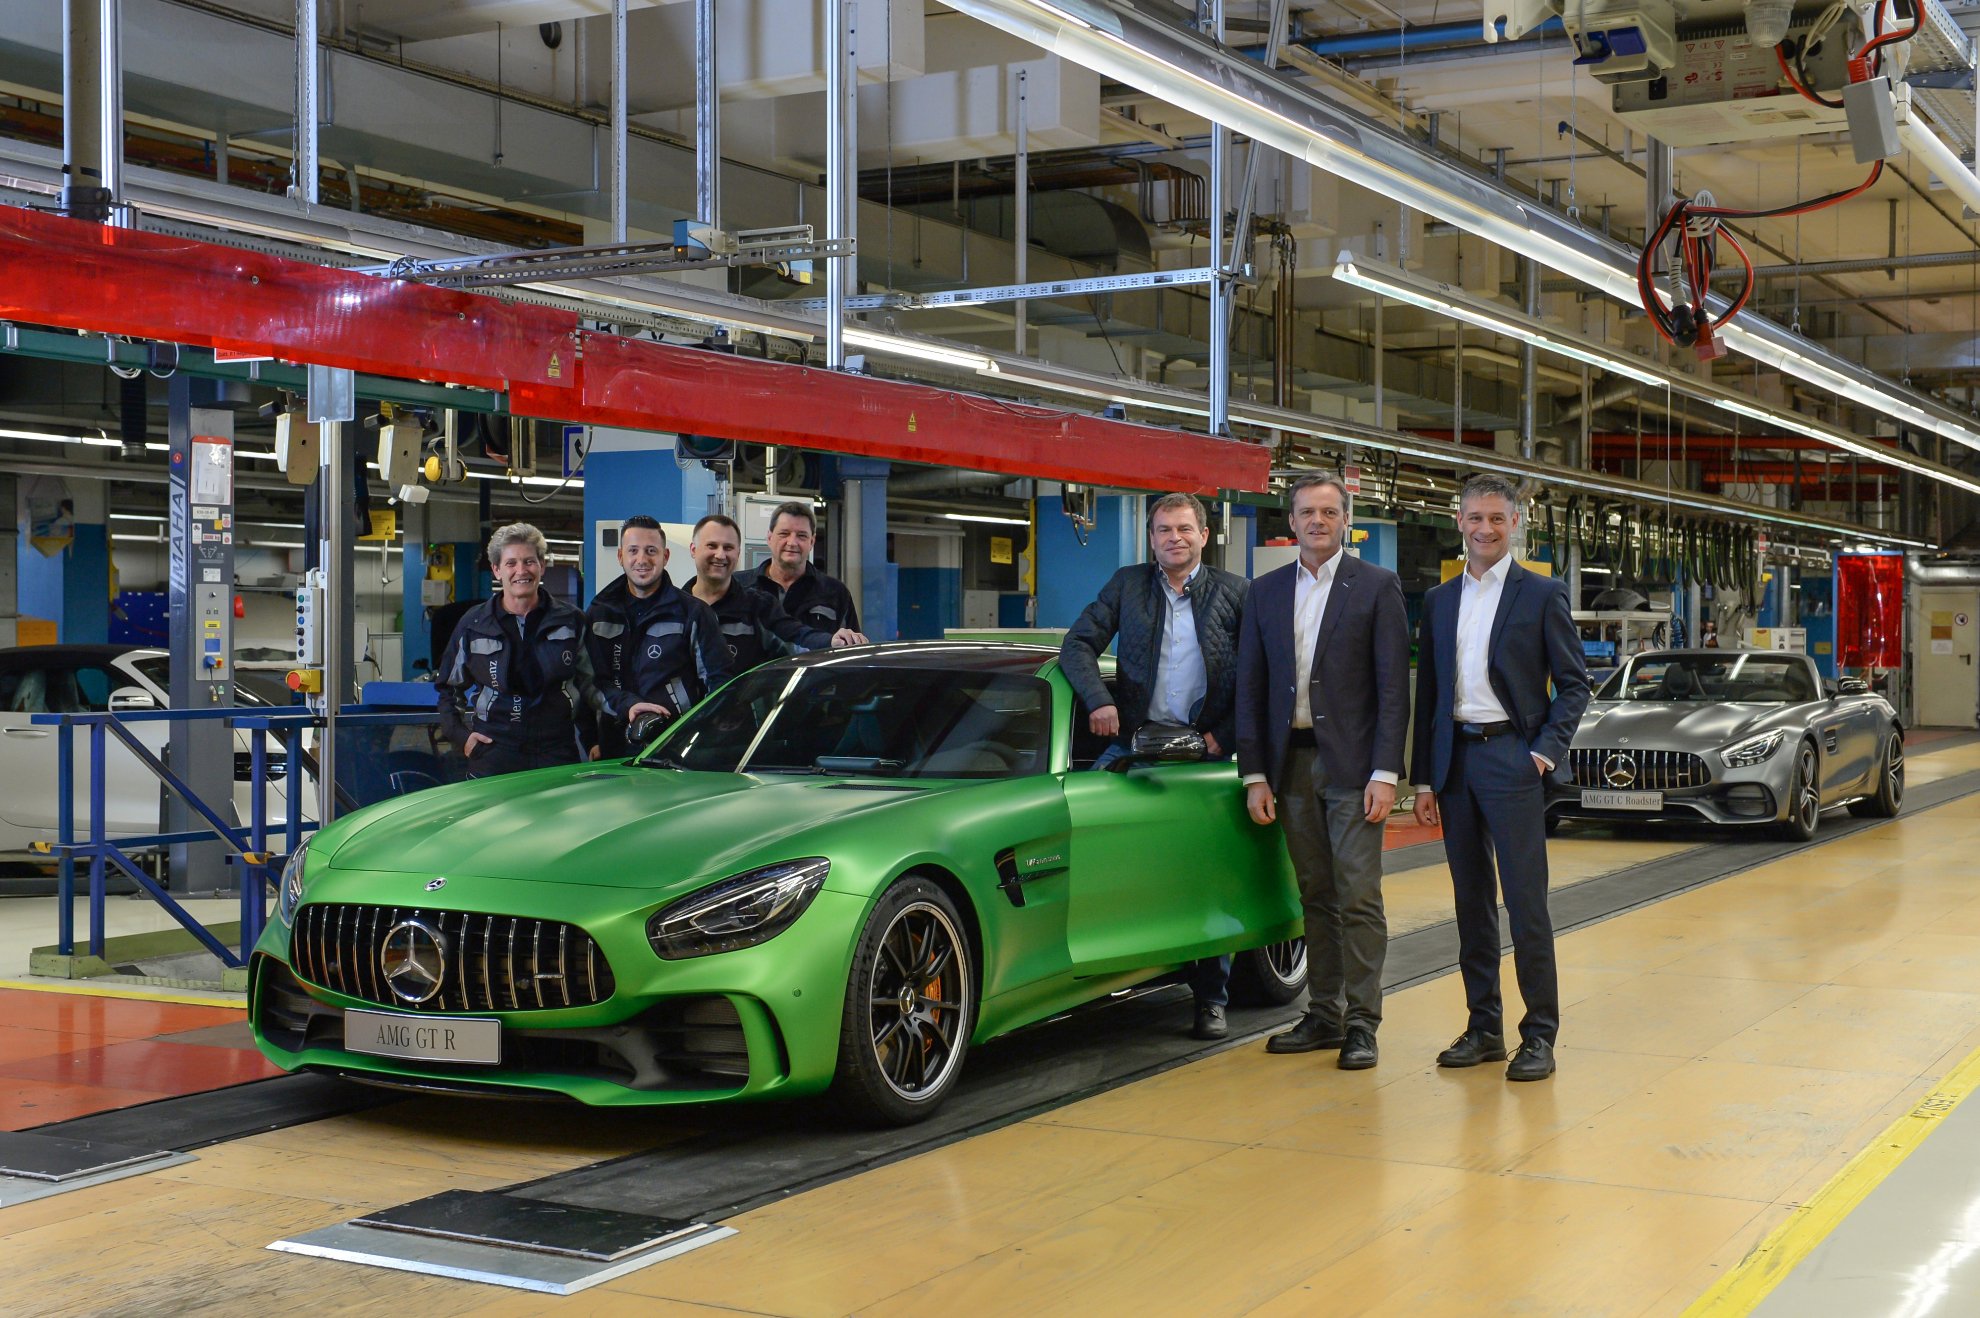 AMG GT im Werk Sindelfingen